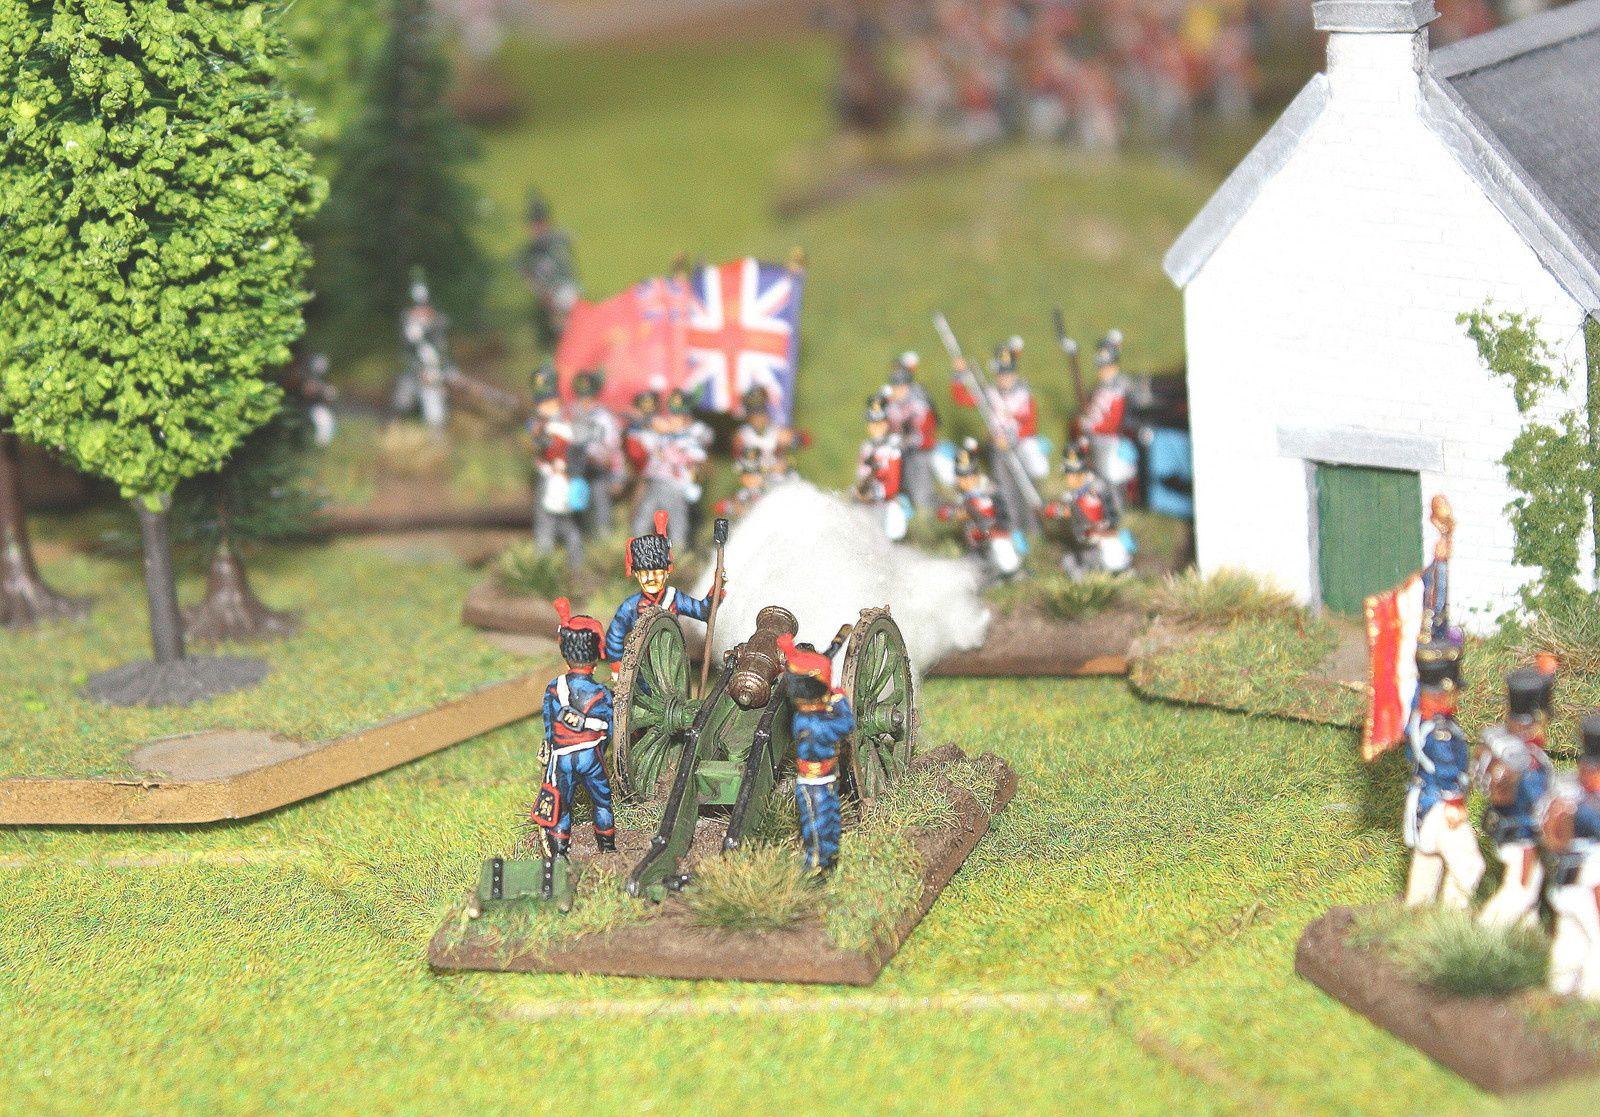 La victoire sera britannique par 5 unités françaises détruites entièrement contre 4!  La partie fut remplie de rebondissement et beaucoup de mal chance aux dés de chaque côté , on dira que le terrain était détrempé.